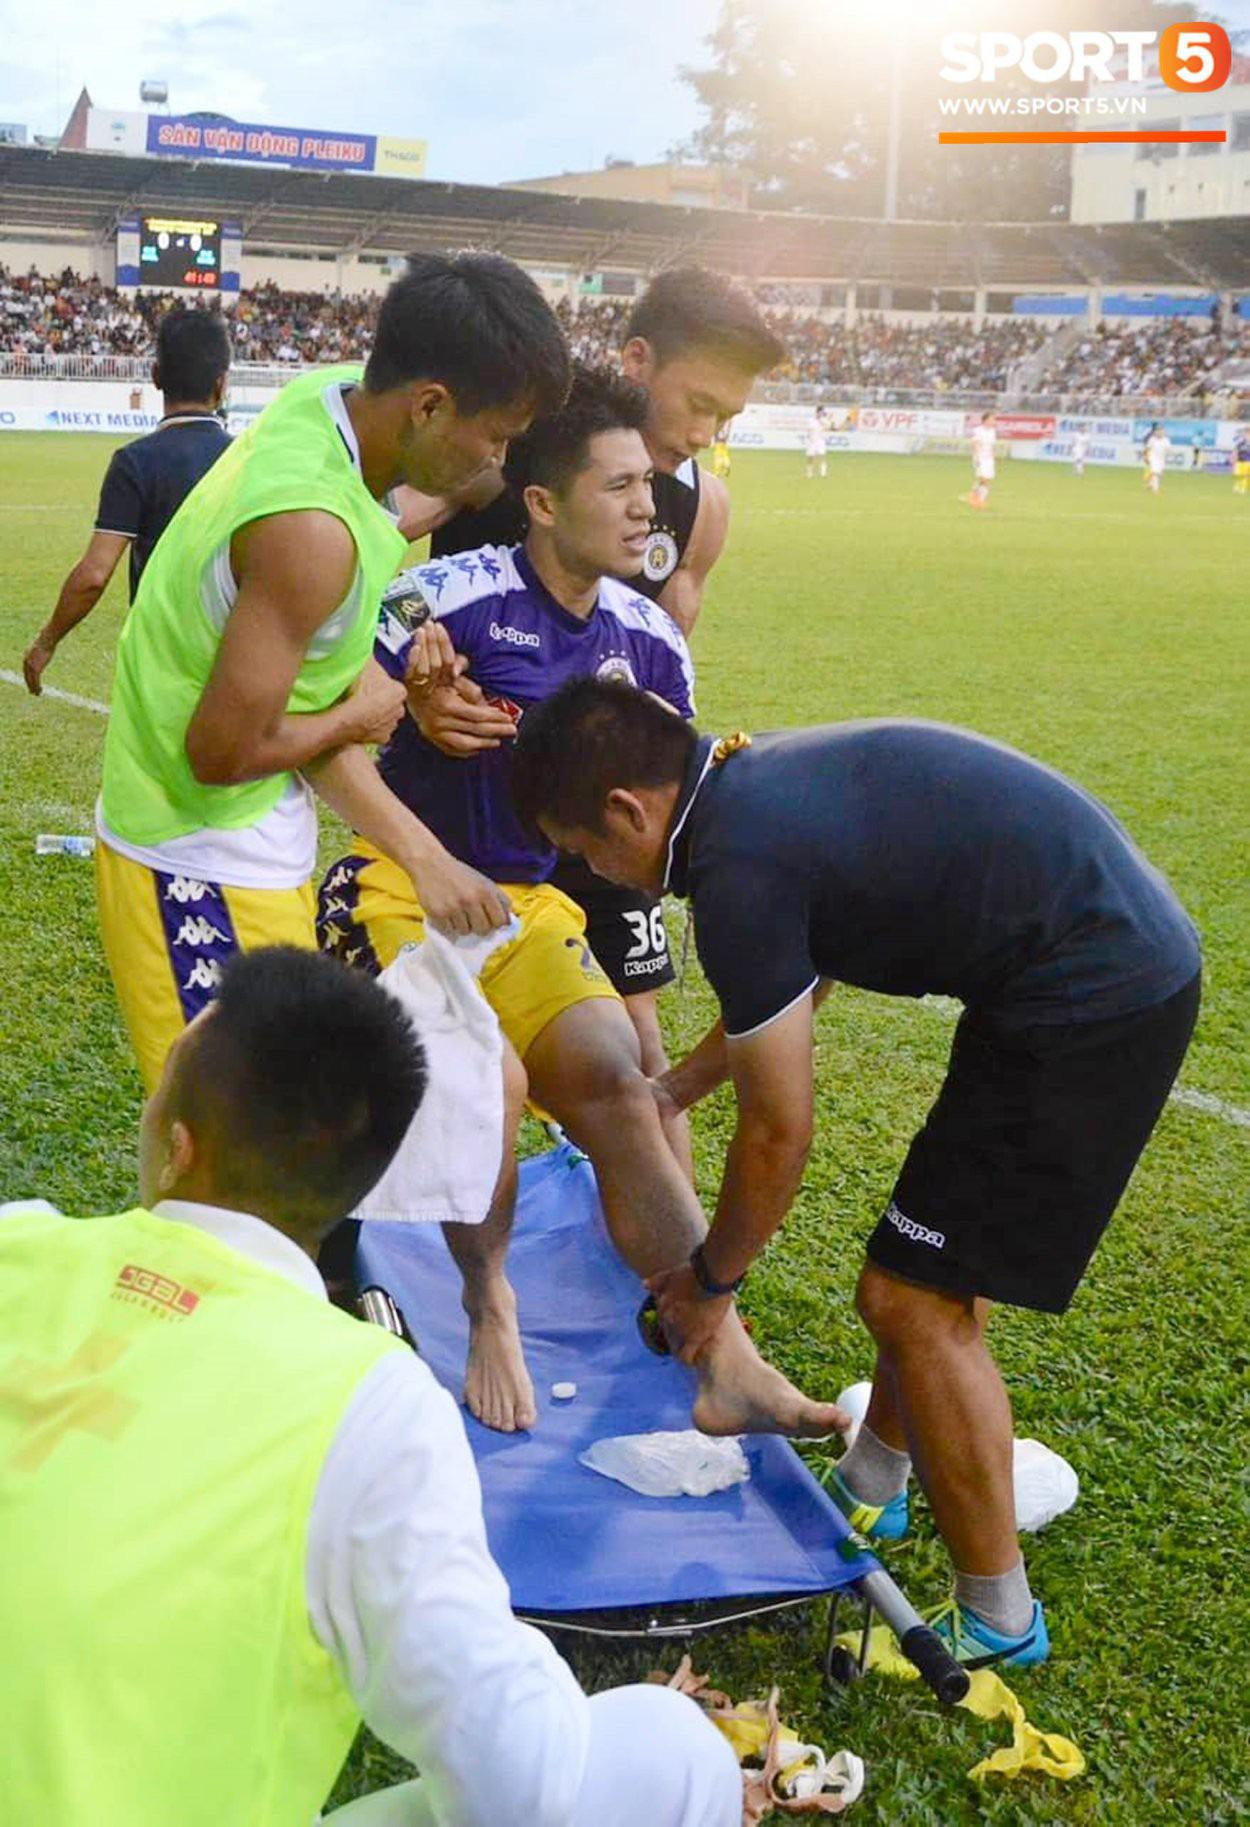 Rộ tin Trần Đình Trọng âm thầm lên bàn mổ và nghỉ hết năm 2020, đại diện Hà Nội FC nói gì? - Ảnh 2.